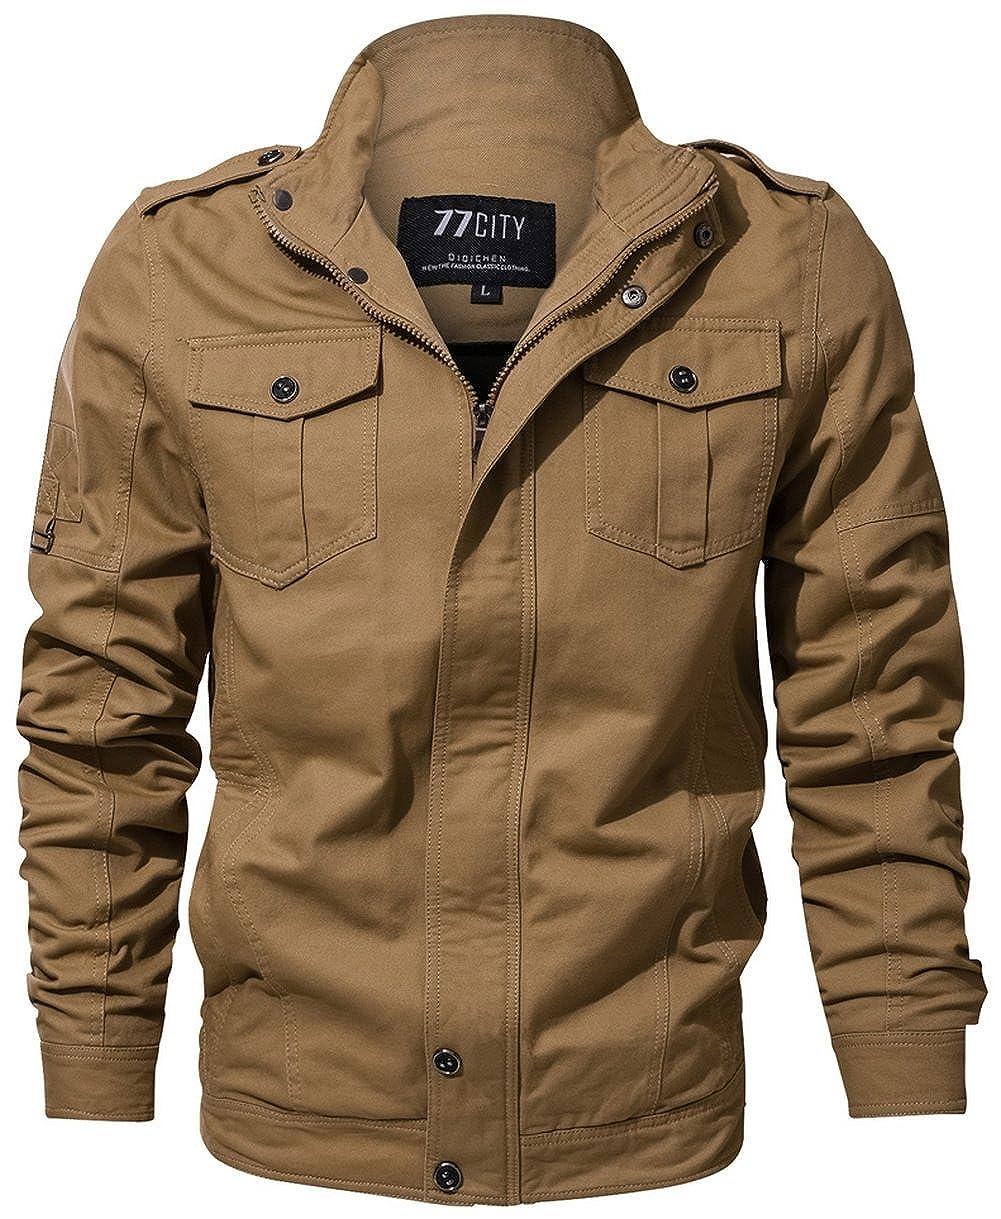 DHYZZ Herren Herren Herren Hochwertige Modische Baumwolle Militär Jacke Windproof Mantel Übergröße 12 Styles - Alles, was Sie Hier wollen B07PNMPKH4 Jacken Förderung 6bd5e9